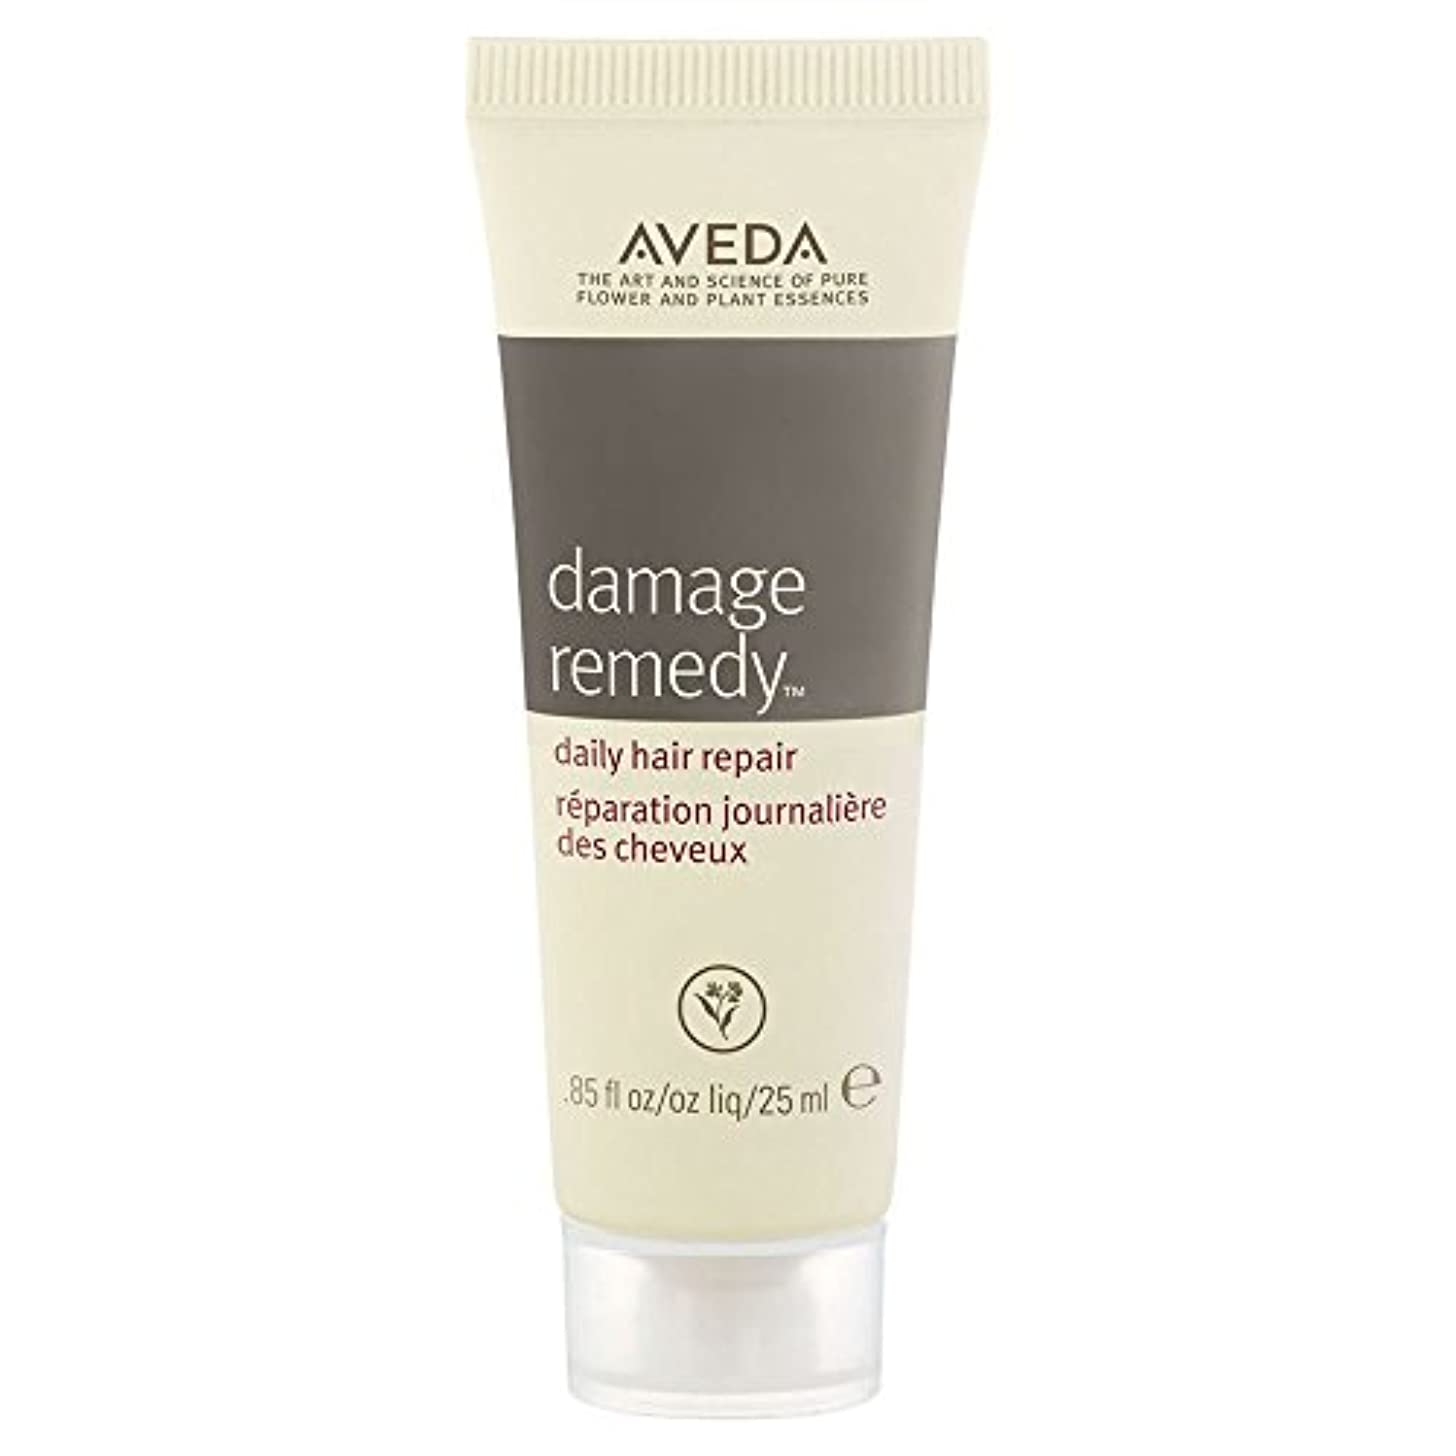 中庭なぜなら支店[AVEDA] アヴェダダメージ救済毎日髪の補修 - Aveda Damage Remedy Daily Hair Repair [並行輸入品]